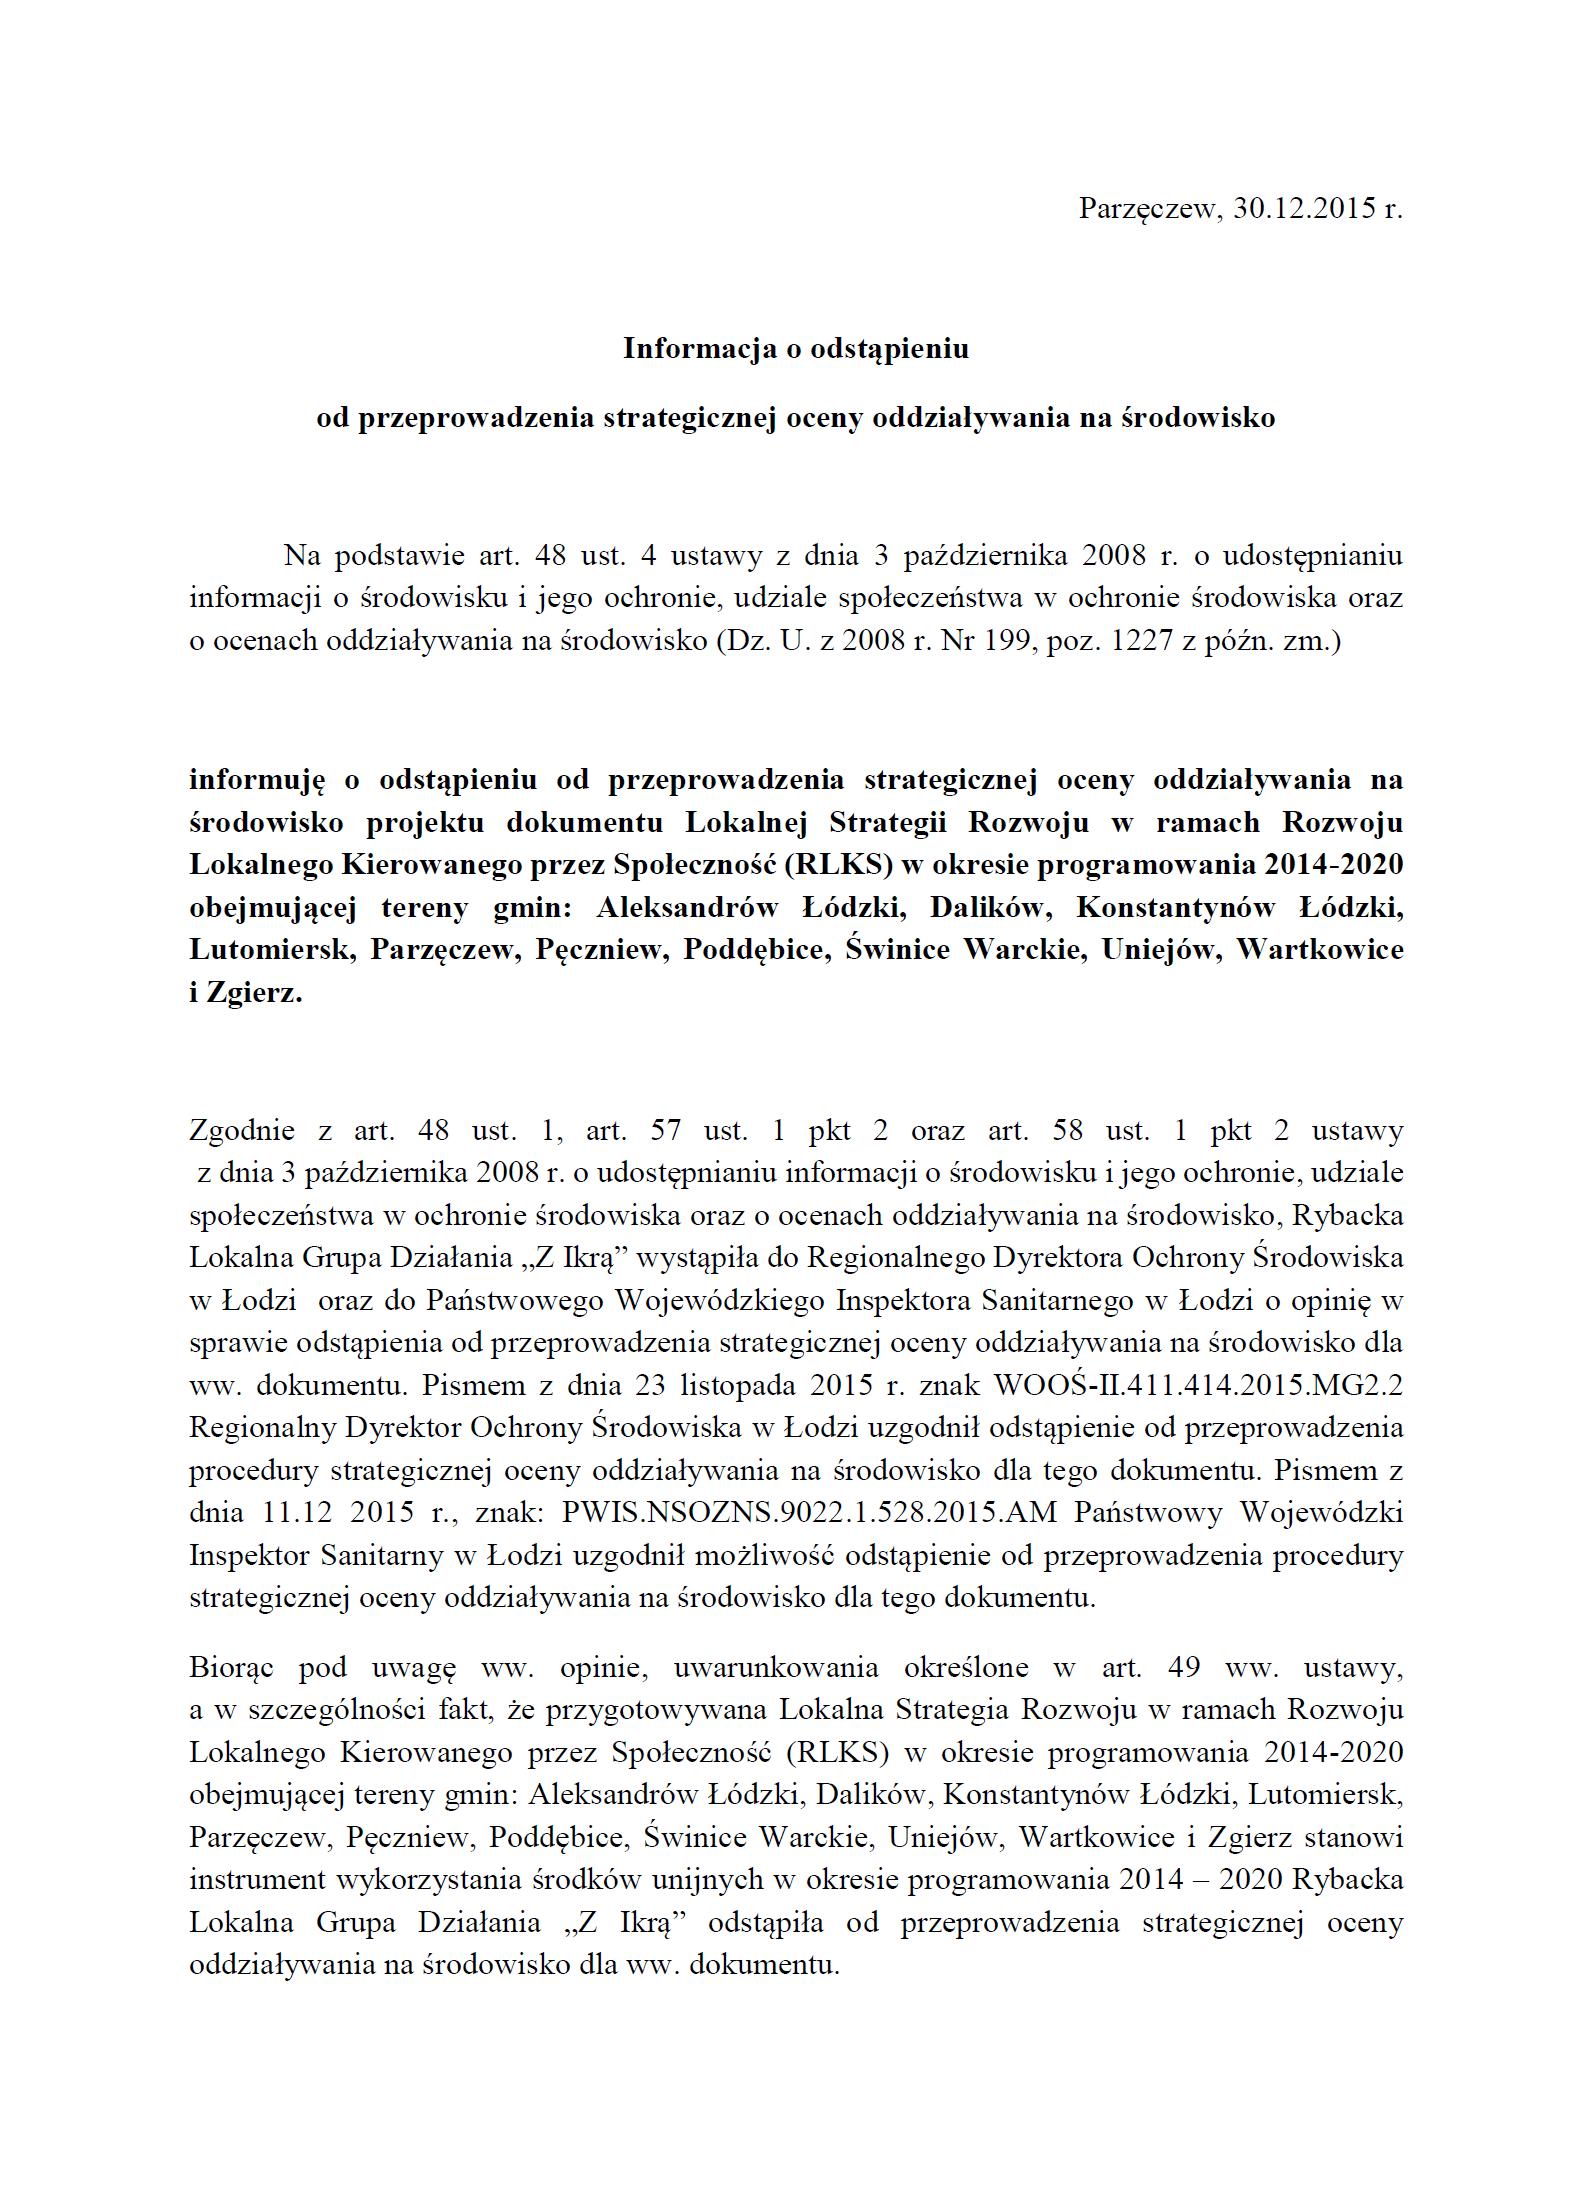 Informacja o odstąpieniu od przeprowadzenia strategicznej oceny RLGD2